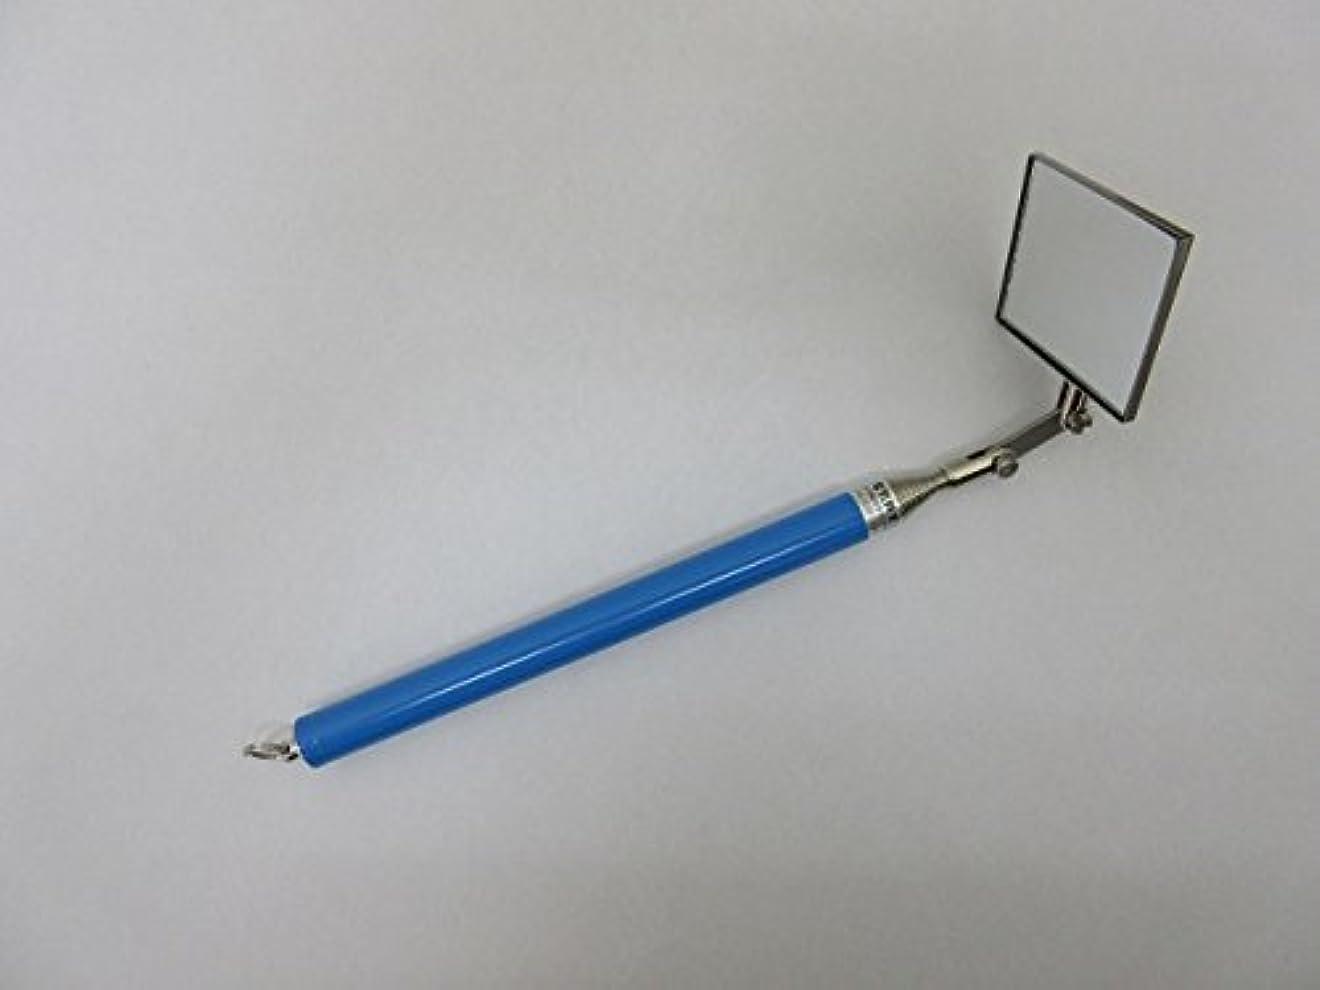 九重電気 九重検針ミラー拡大鏡 R 青 80606-0014